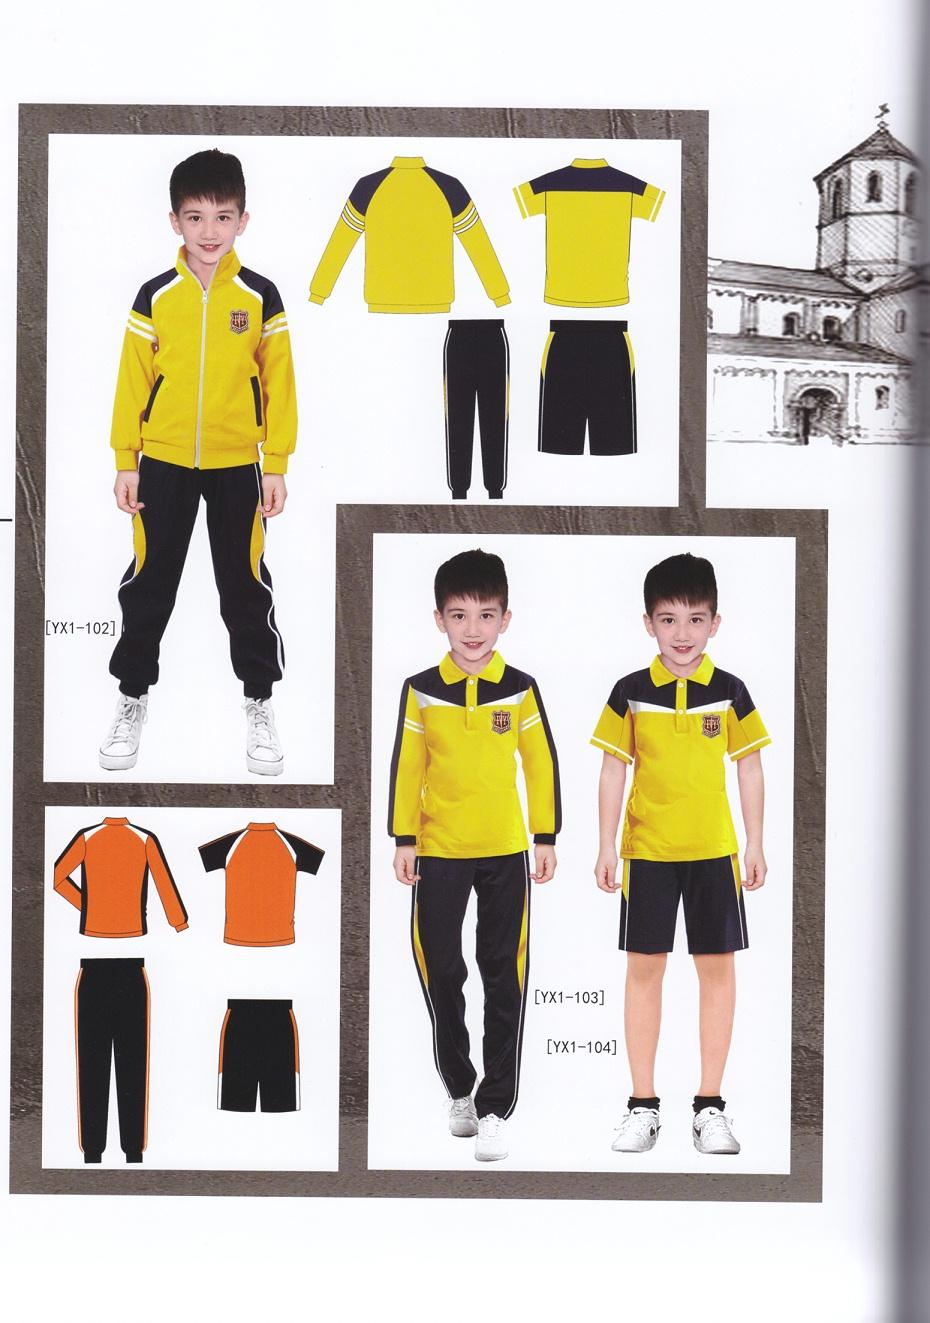 幼儿园的校服|幼儿园园服夏装